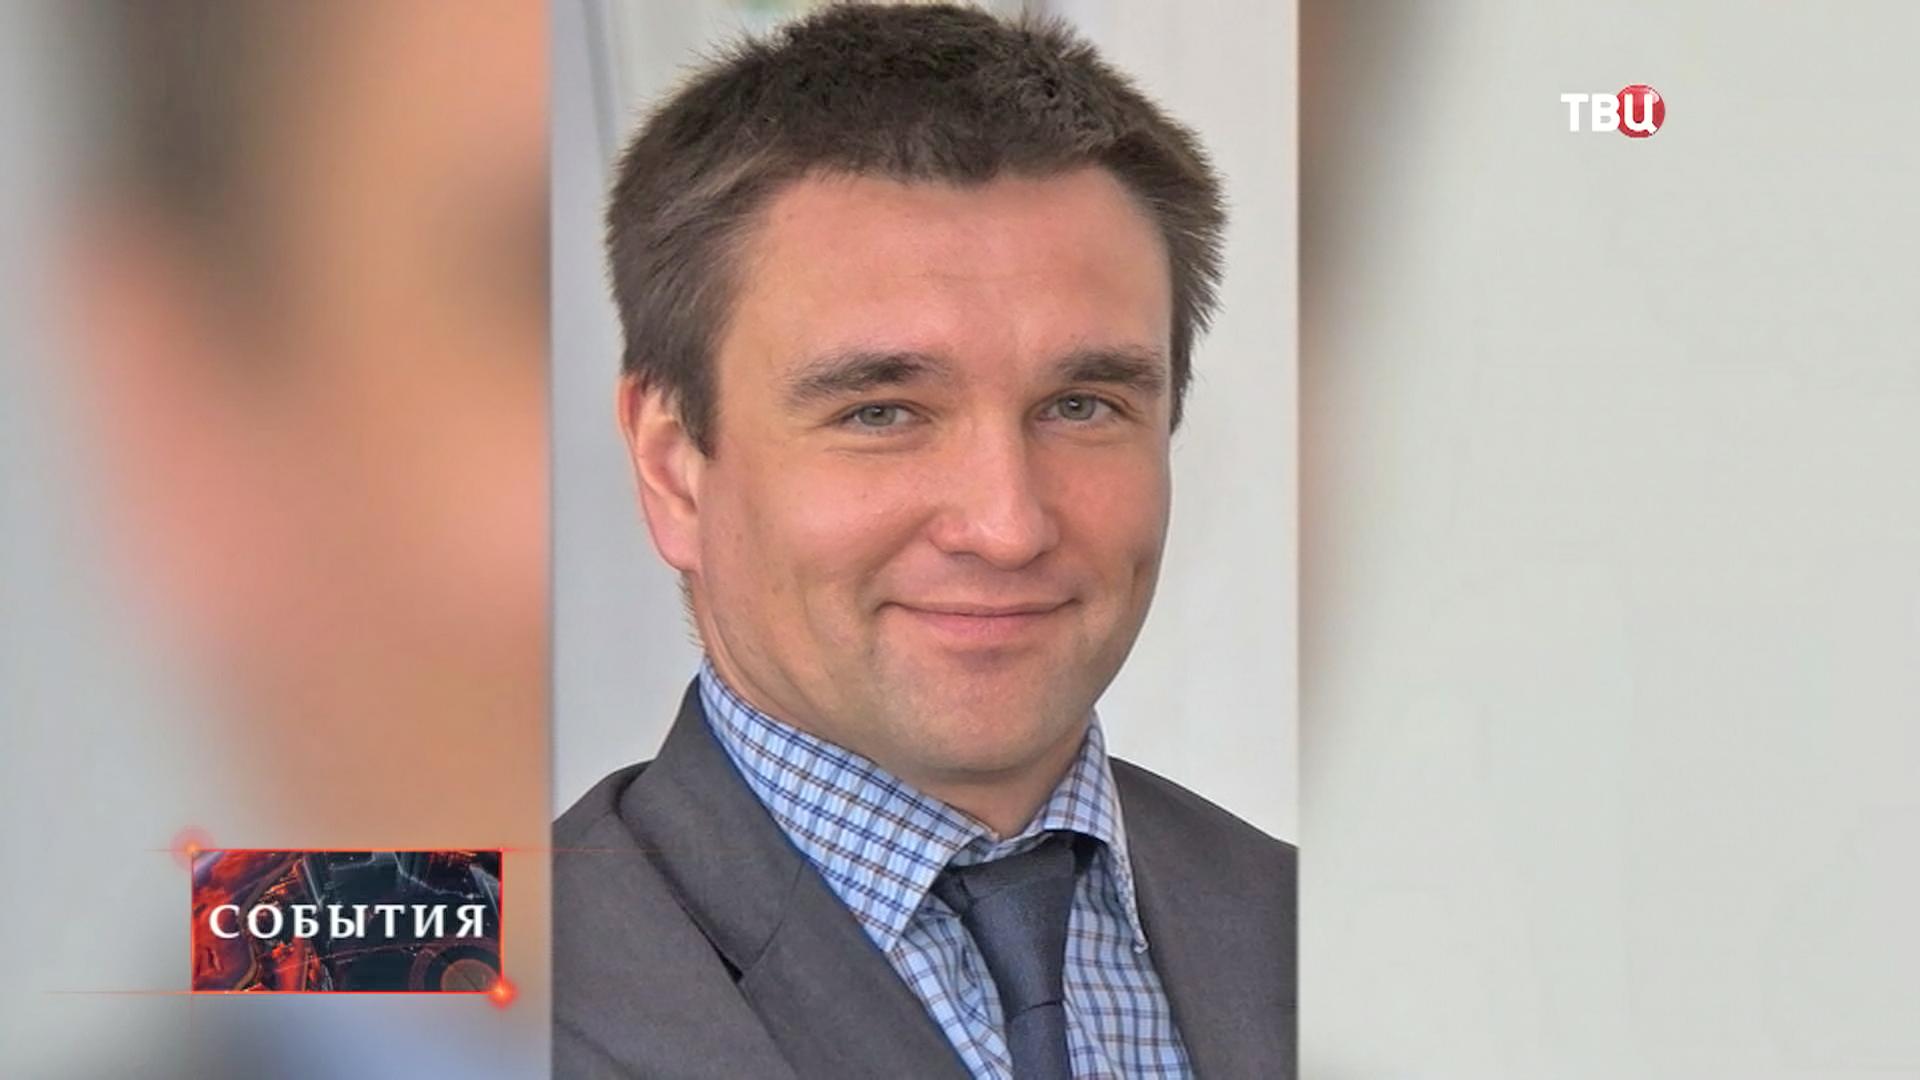 Министр иностранных дел Андрей Дещица